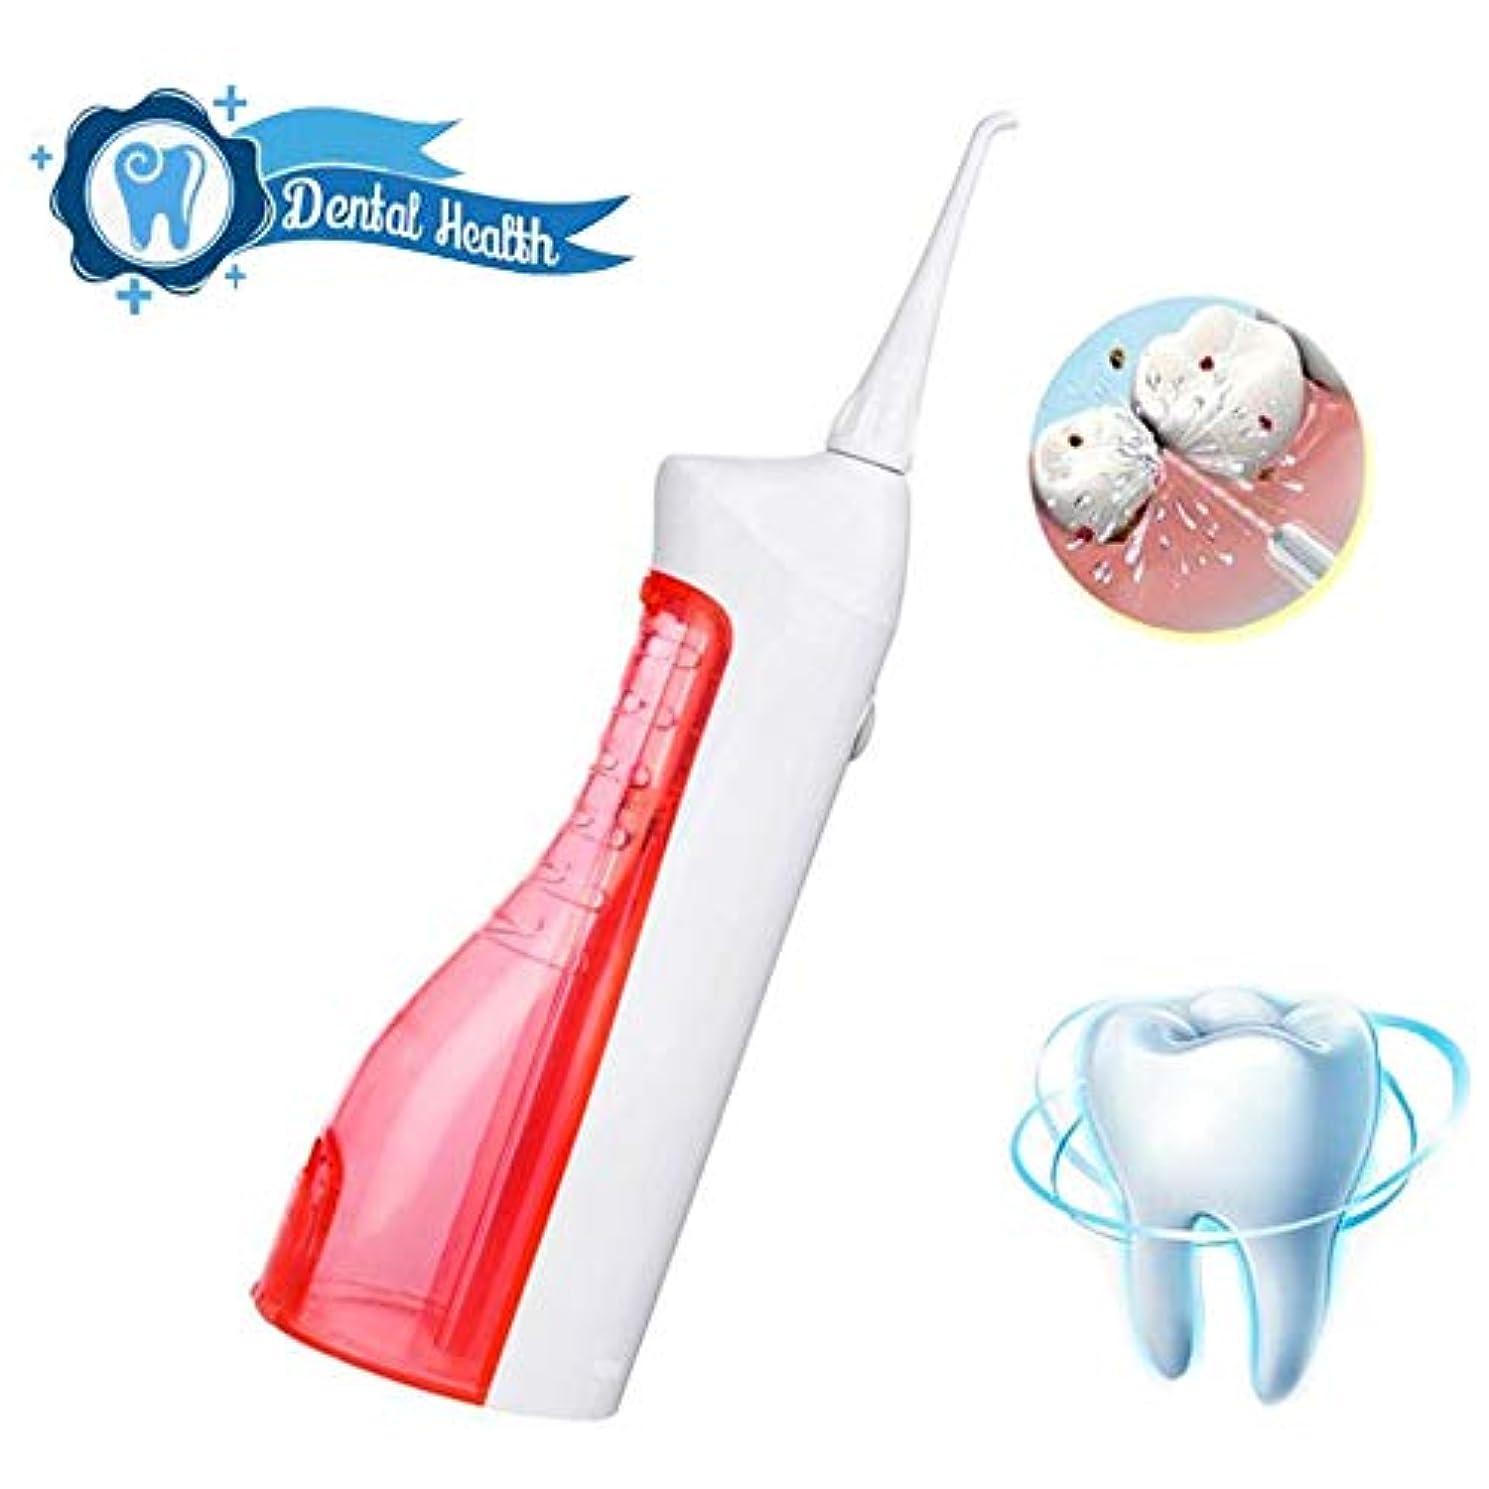 矩形破壊的思いつく歯のためのウォーターフロッサー、ポータブルプロフェッショナルコードレス歯科口腔灌漑器(150mlタンク、2本のジェットチップ付き)歯磨き粉用クリーナー、2つのクリーニングモード、USB充電式、IPX7